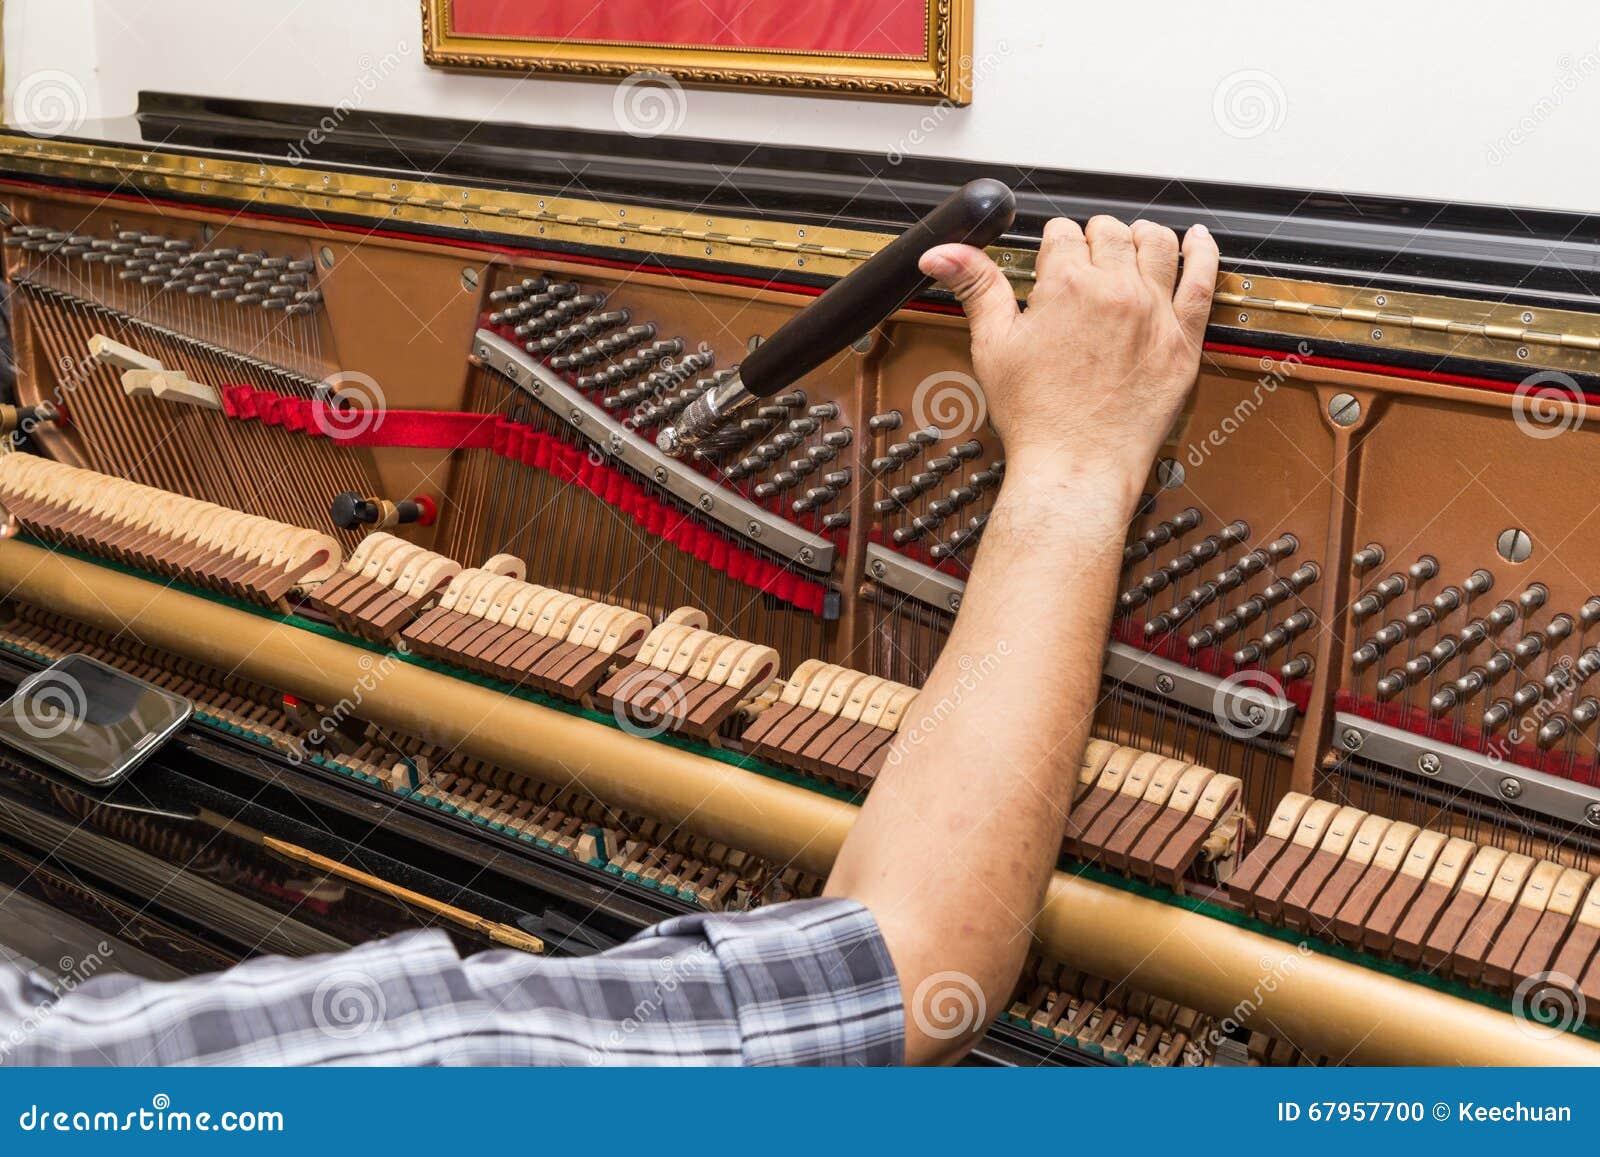 Primer a mano que adapta un piano vertical usando palanca y las herramientas